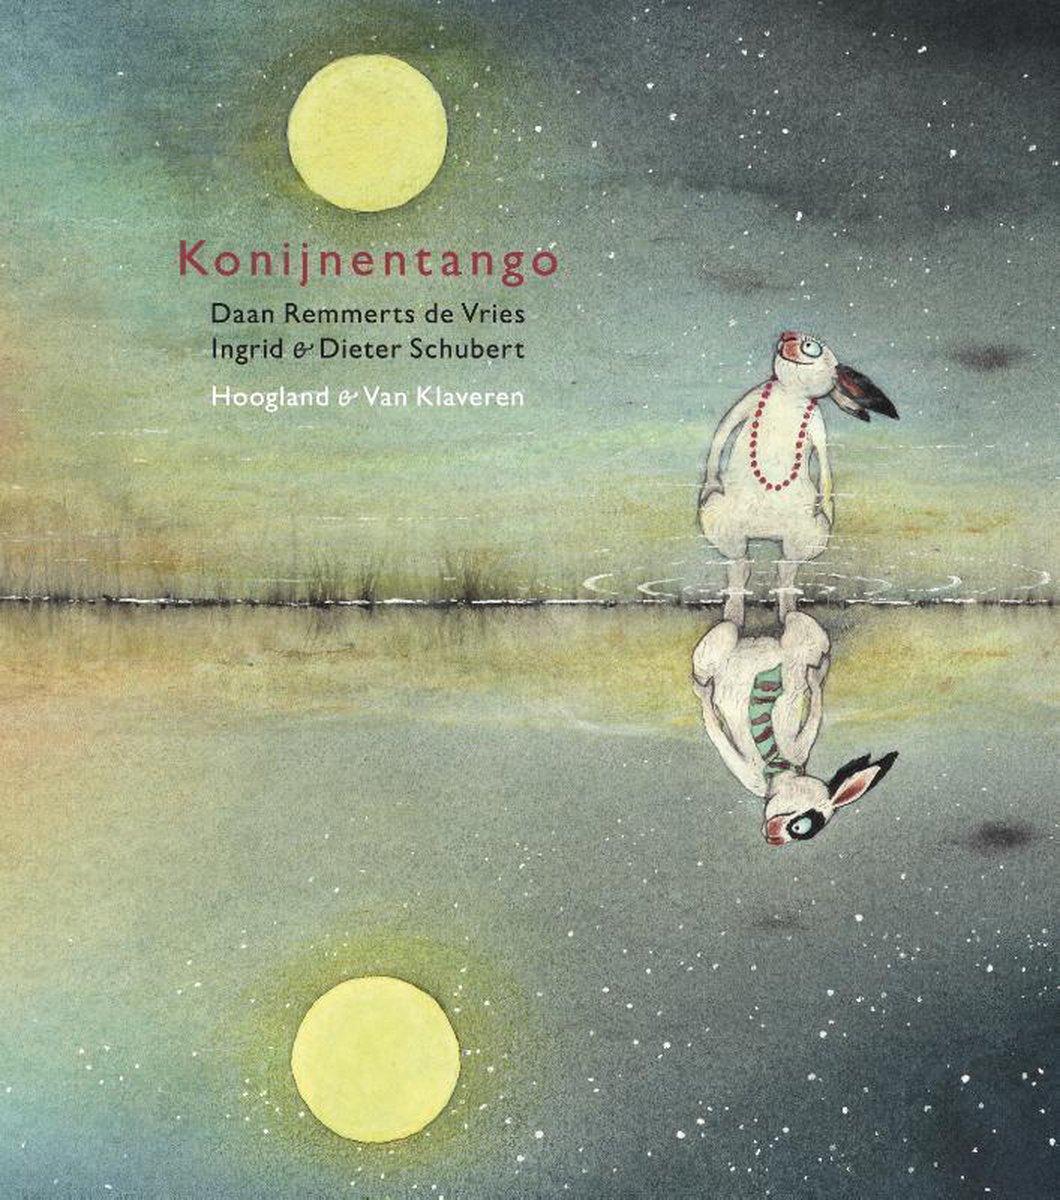 bol.com | Konijnentango, Daan Remmerts de Vries | 9789089672216 ...